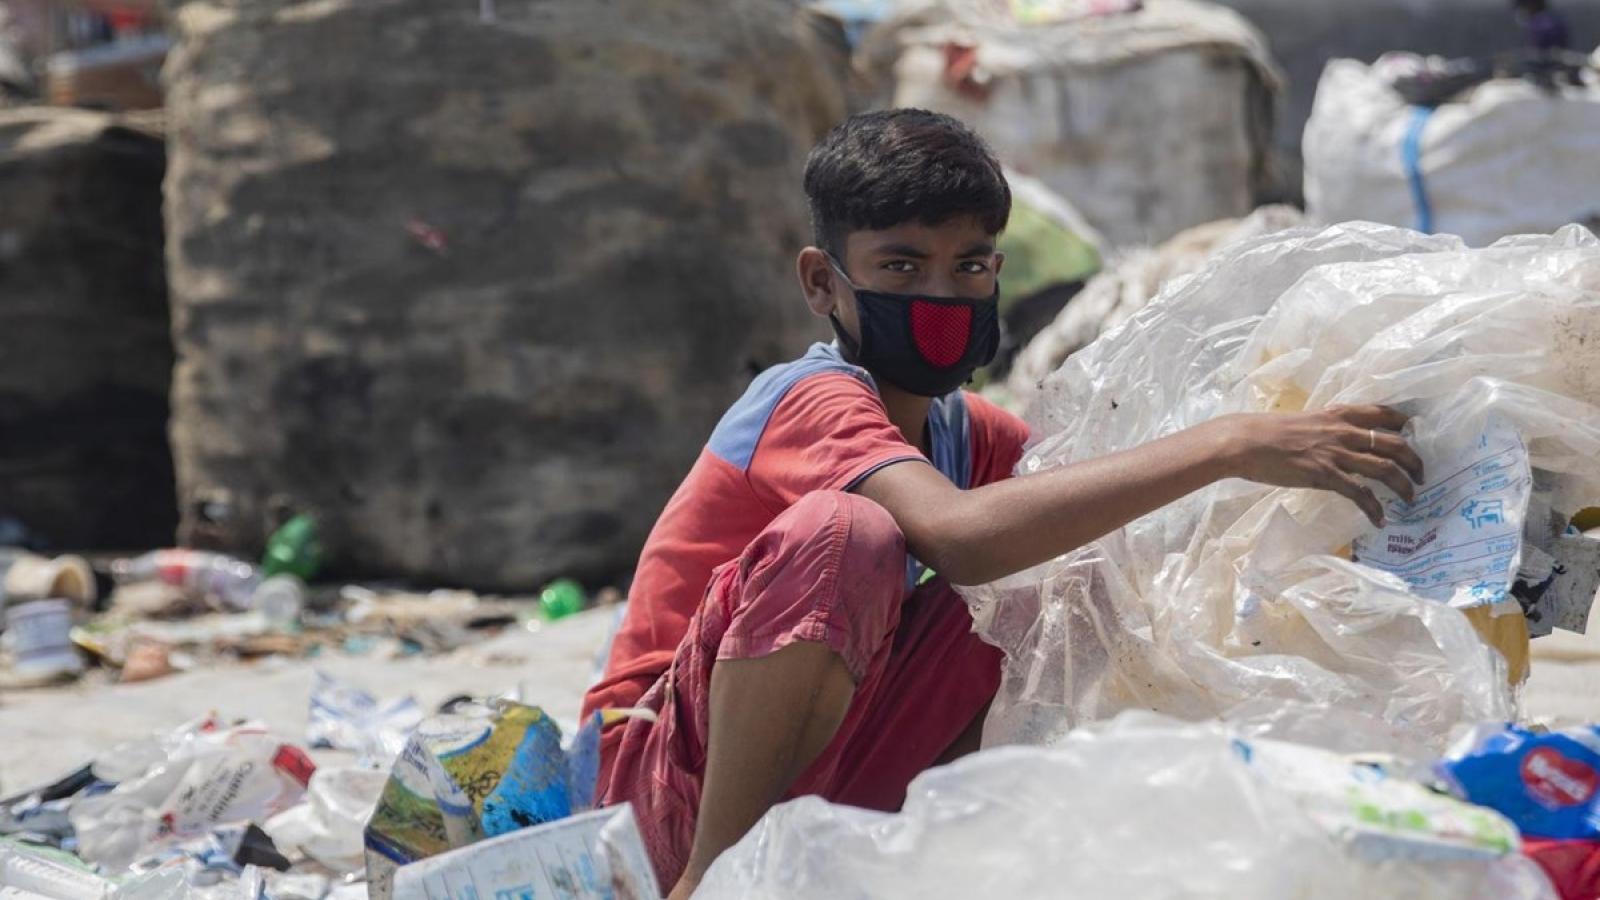 Bổ sung điều kiện đăng ký tạm trú để kiểm soát sử dụng lao động trẻ em